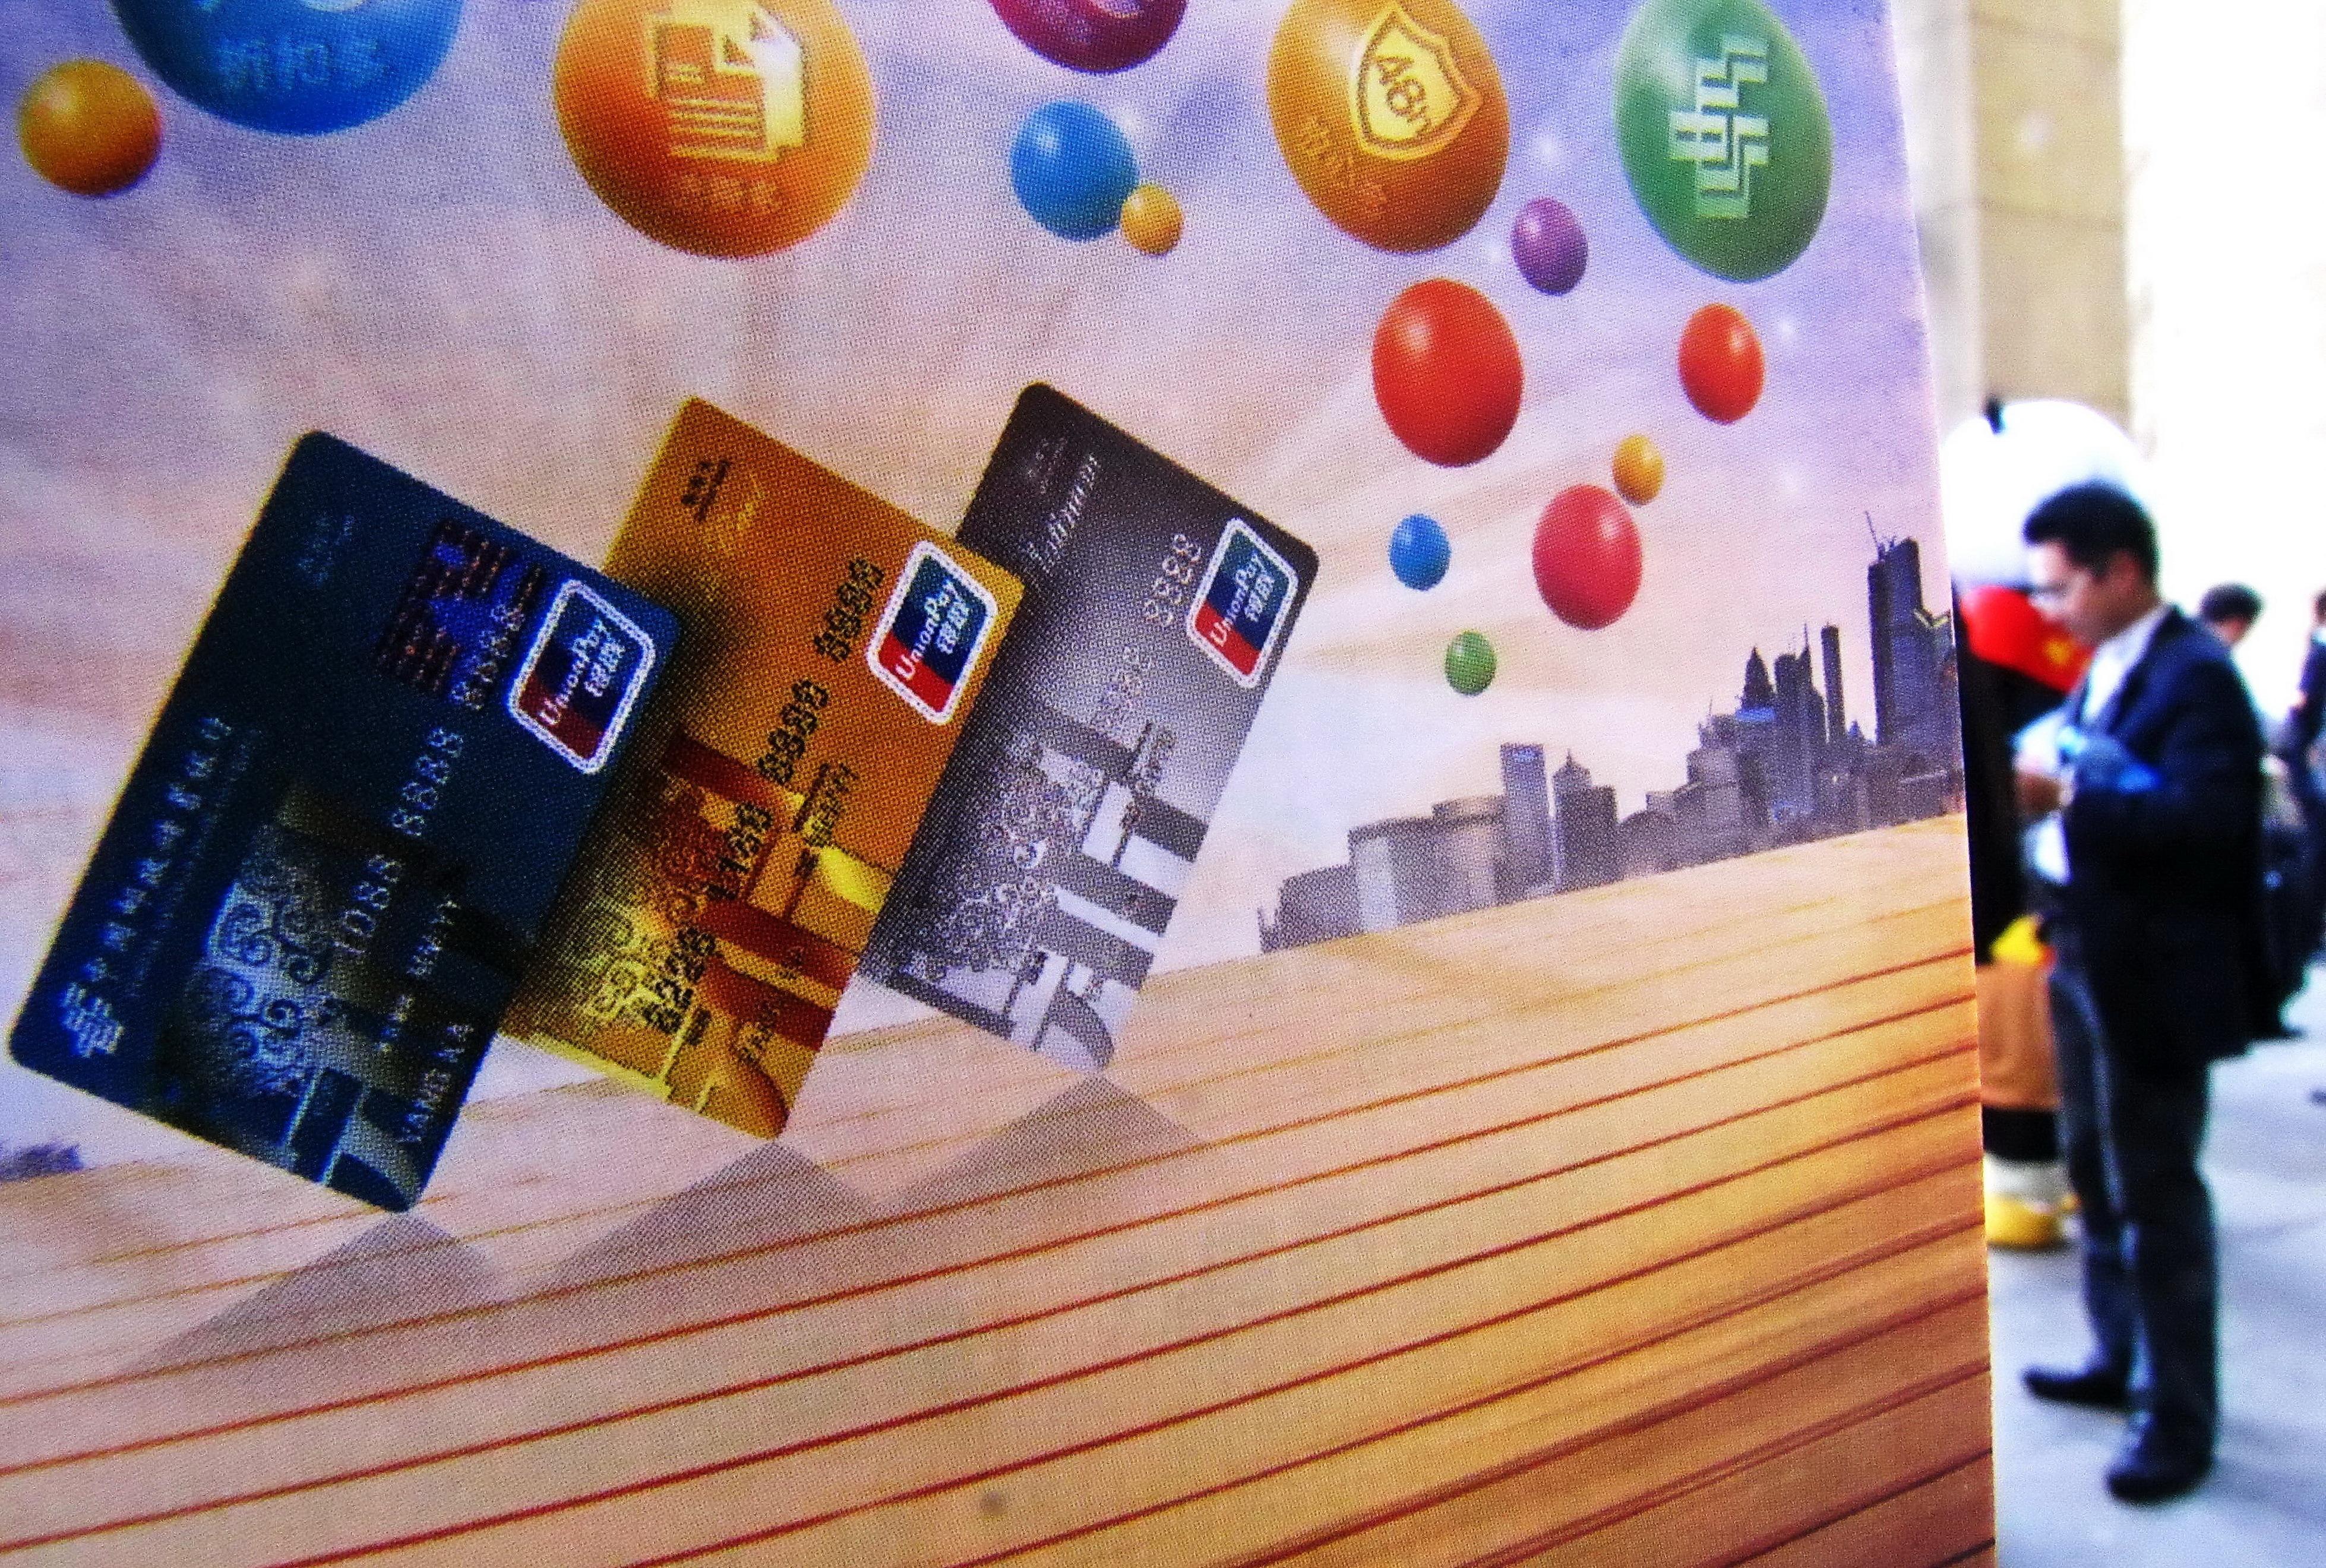 信用卡超过5张会产生什么不良影响,持有几张信用卡是最合理的!